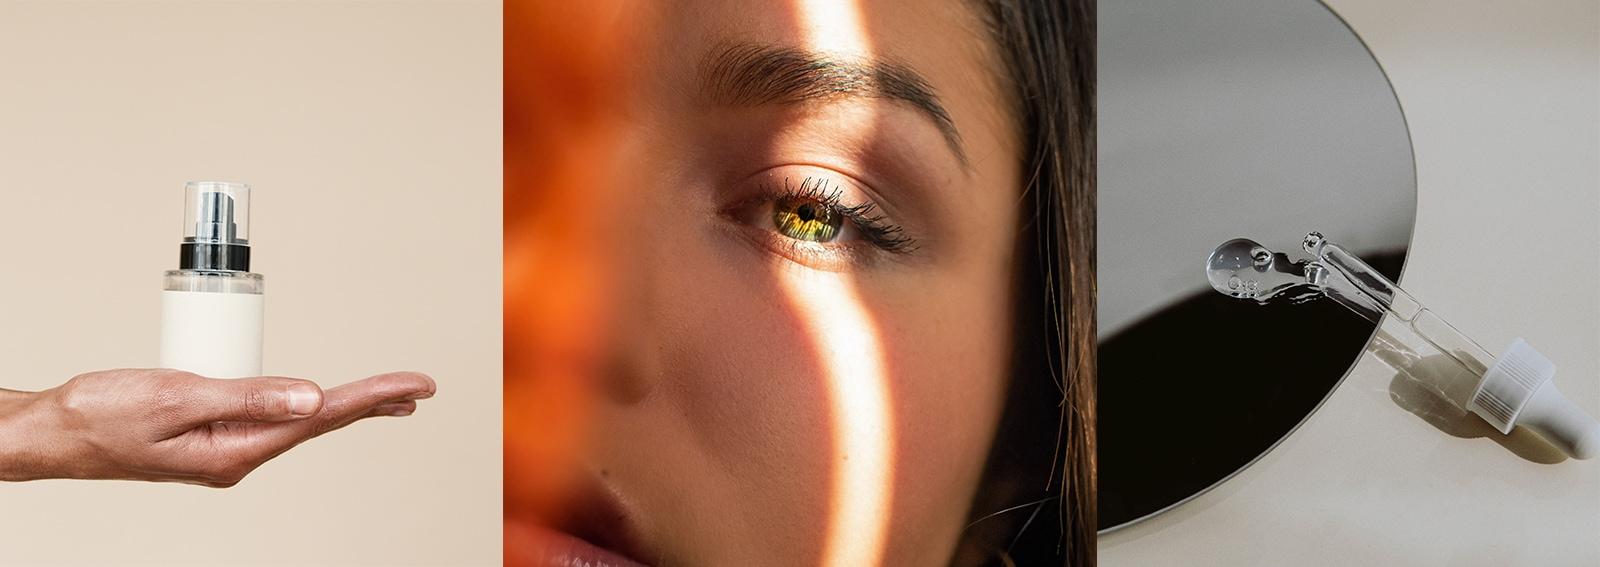 make-up-skincare-ibridi